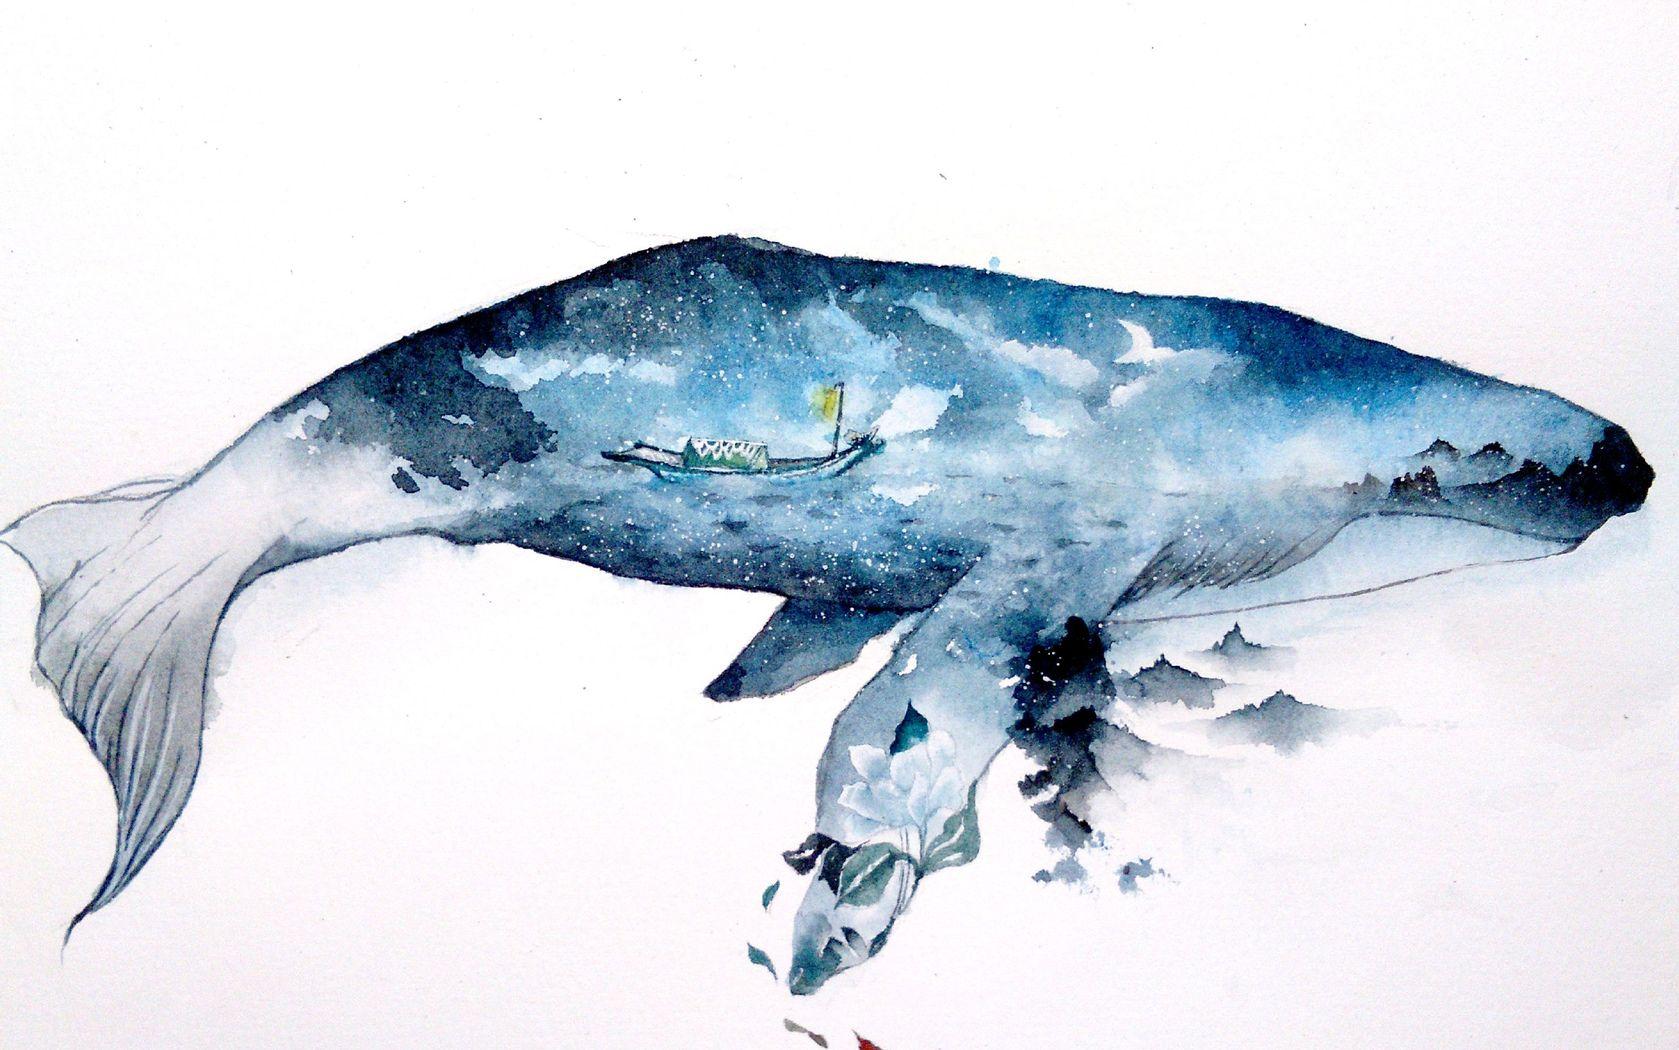 大鱼 海棠动漫